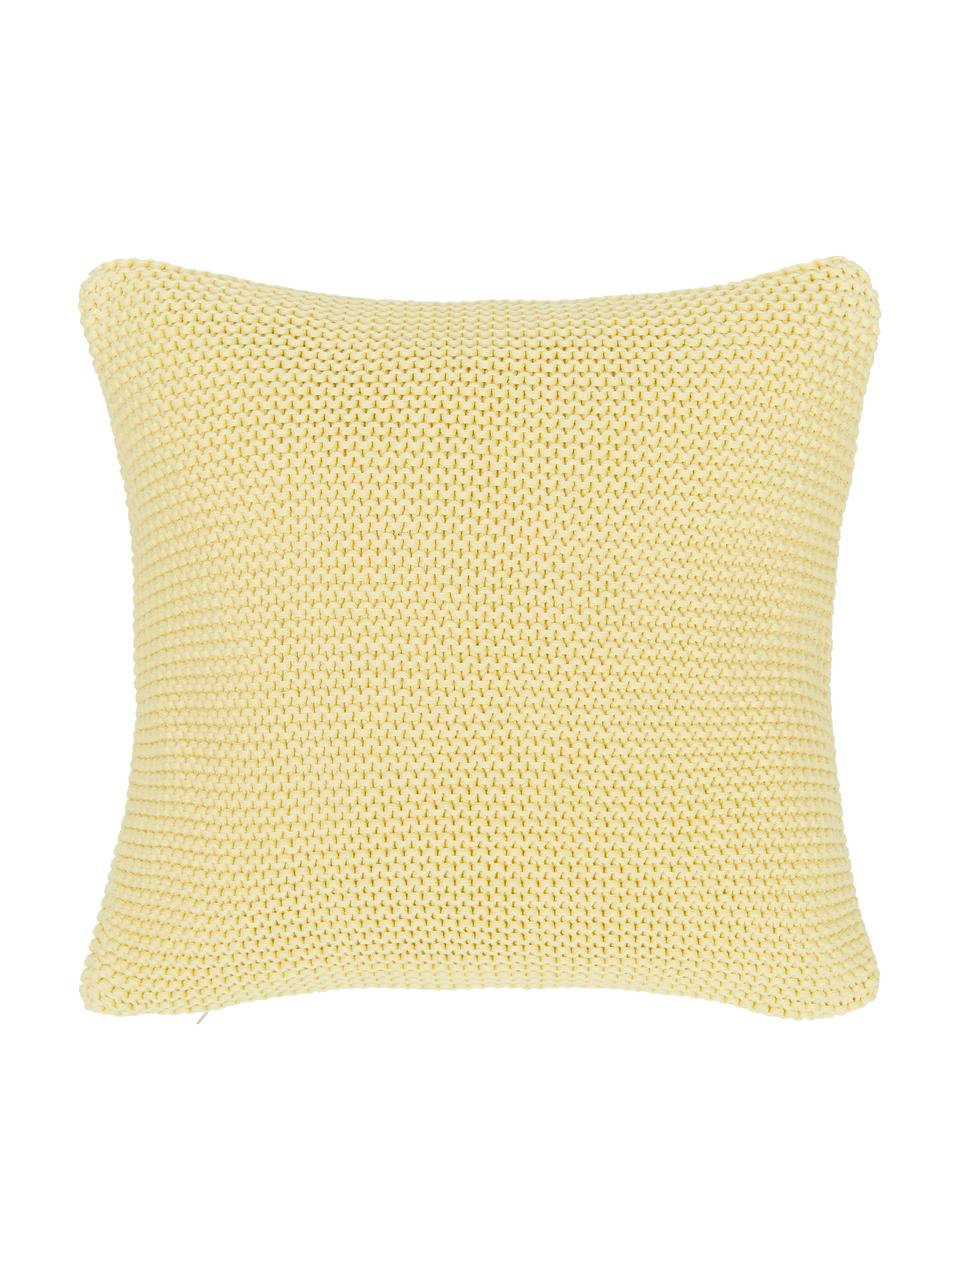 Strick-Kissenhülle Adalyn aus Bio-Baumwolle in Hellgelb, 100% Bio-Baumwolle, GOTS-zertifiziert, Hellgelb, 40 x 40 cm